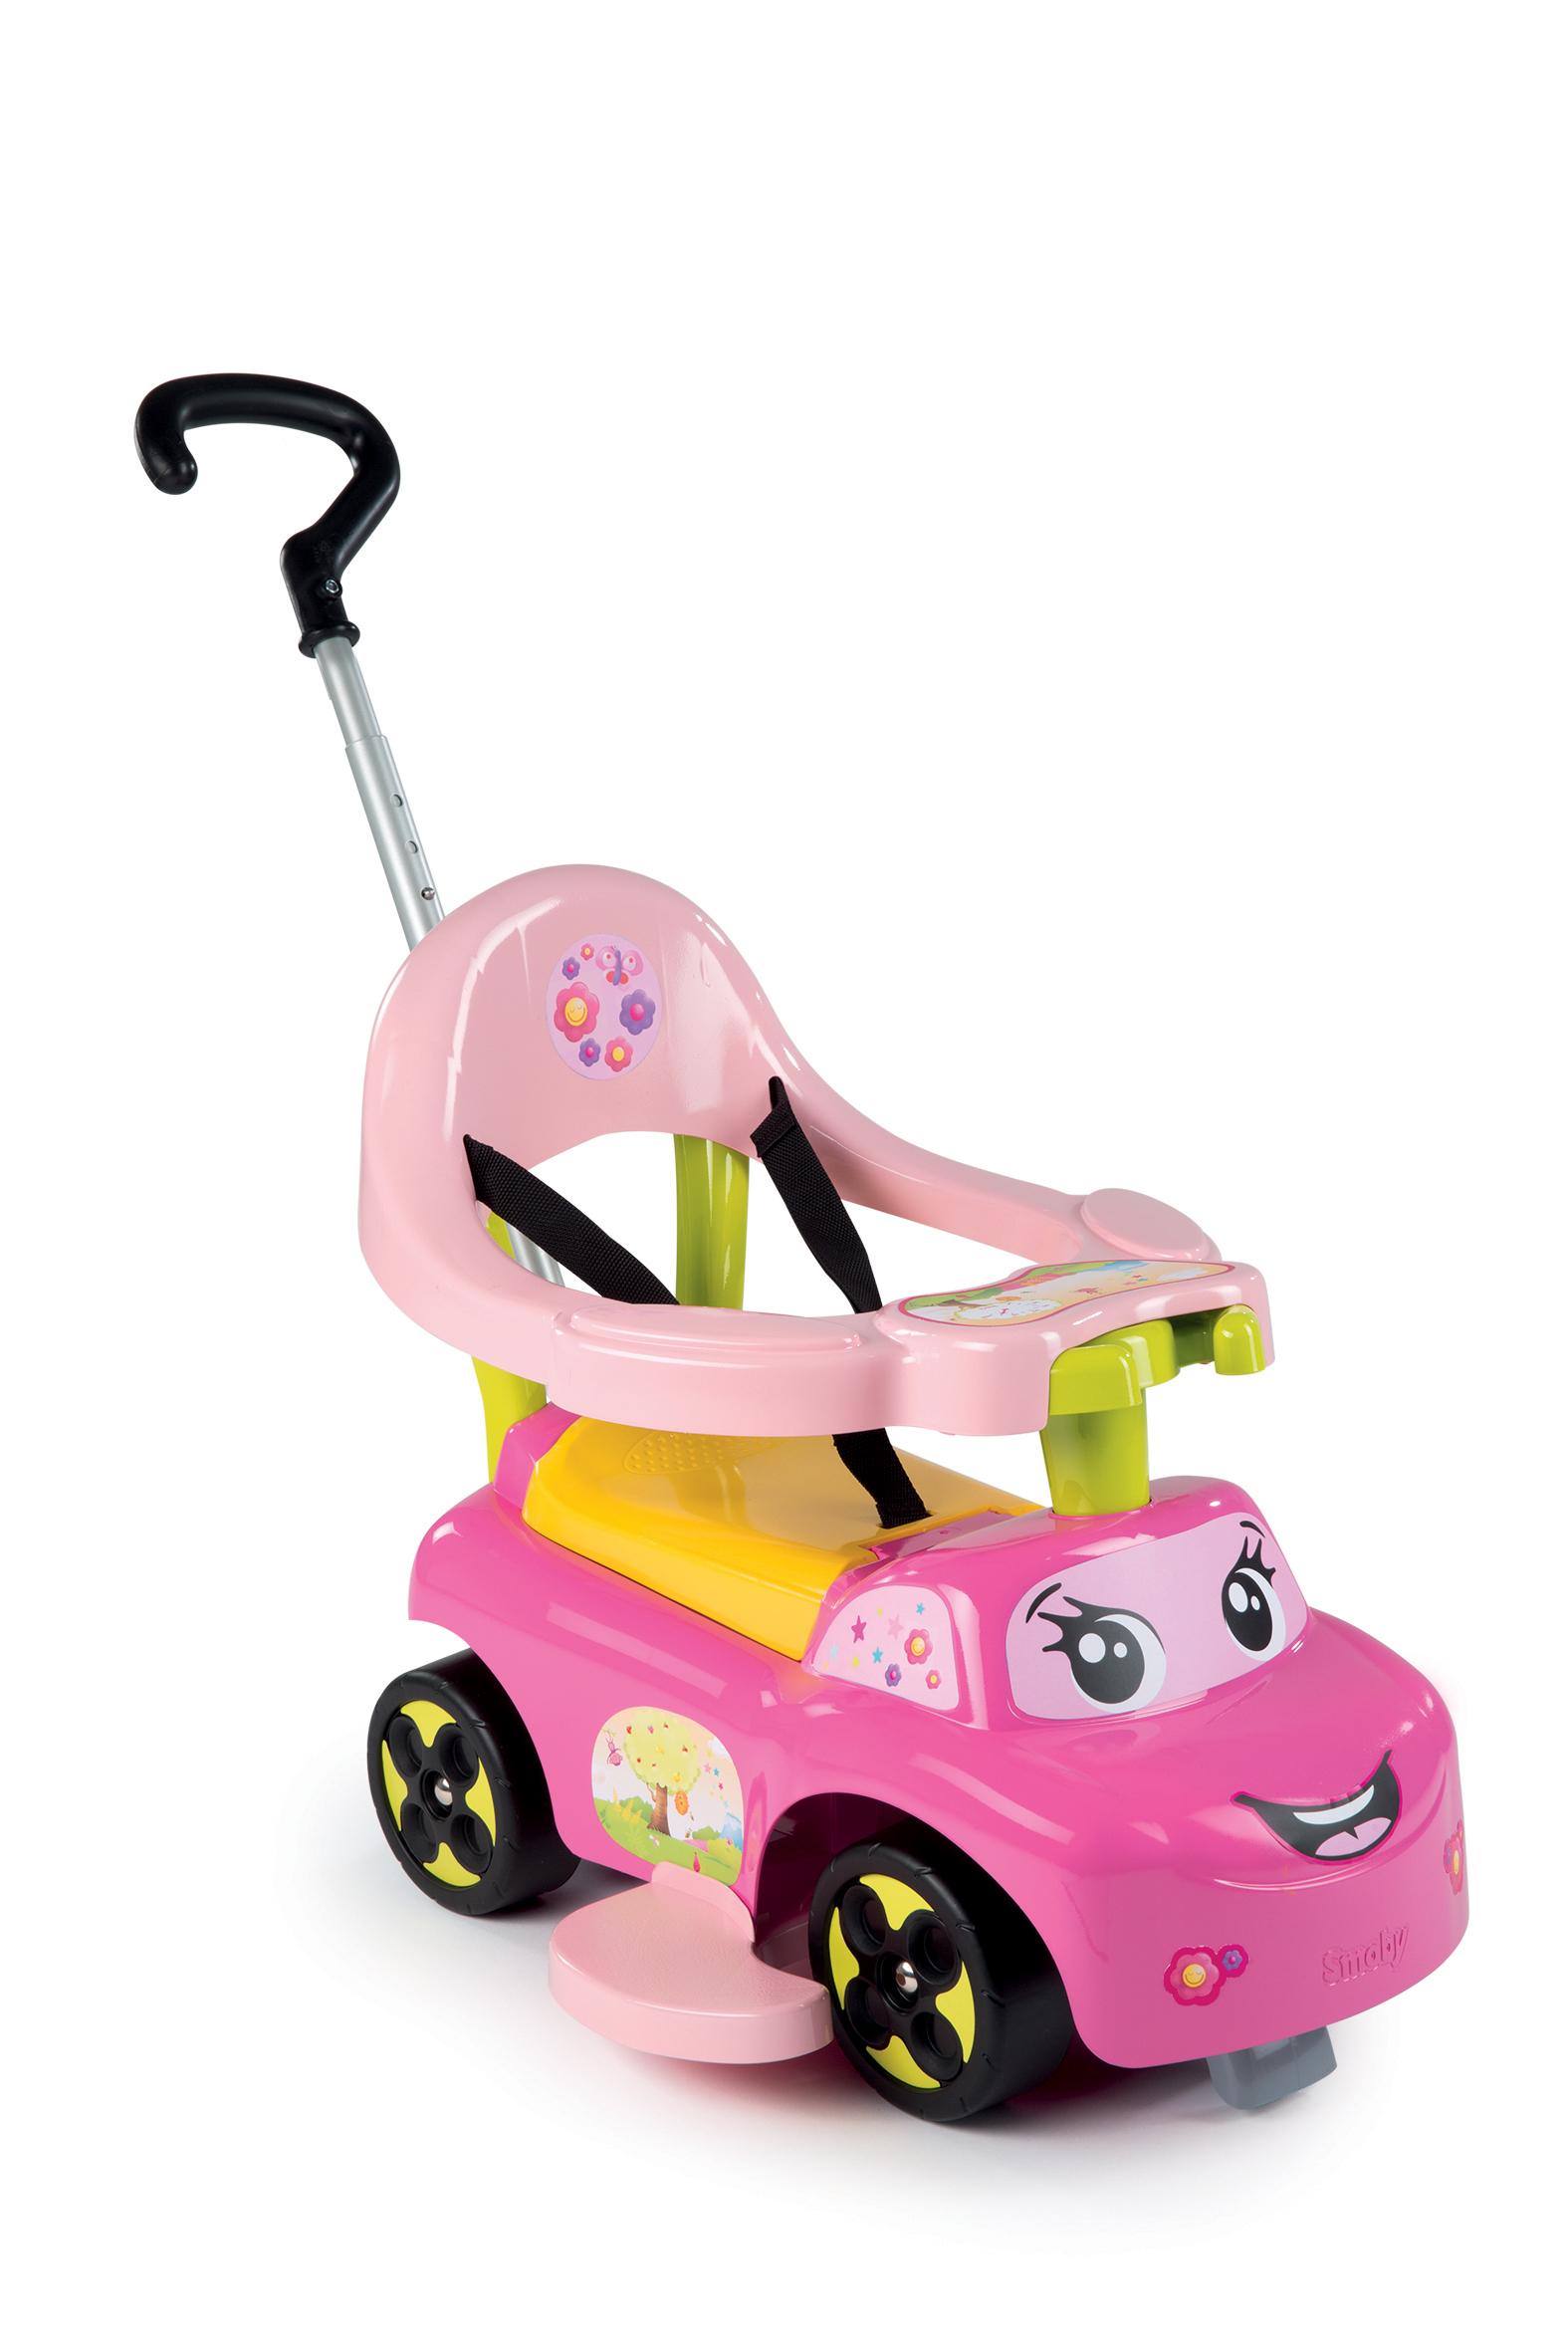 SMOBY 445011 Bébitaxi Auto Balade Fille és járóka tolókarral és kerettel rózsaszín 6-36 hó korig